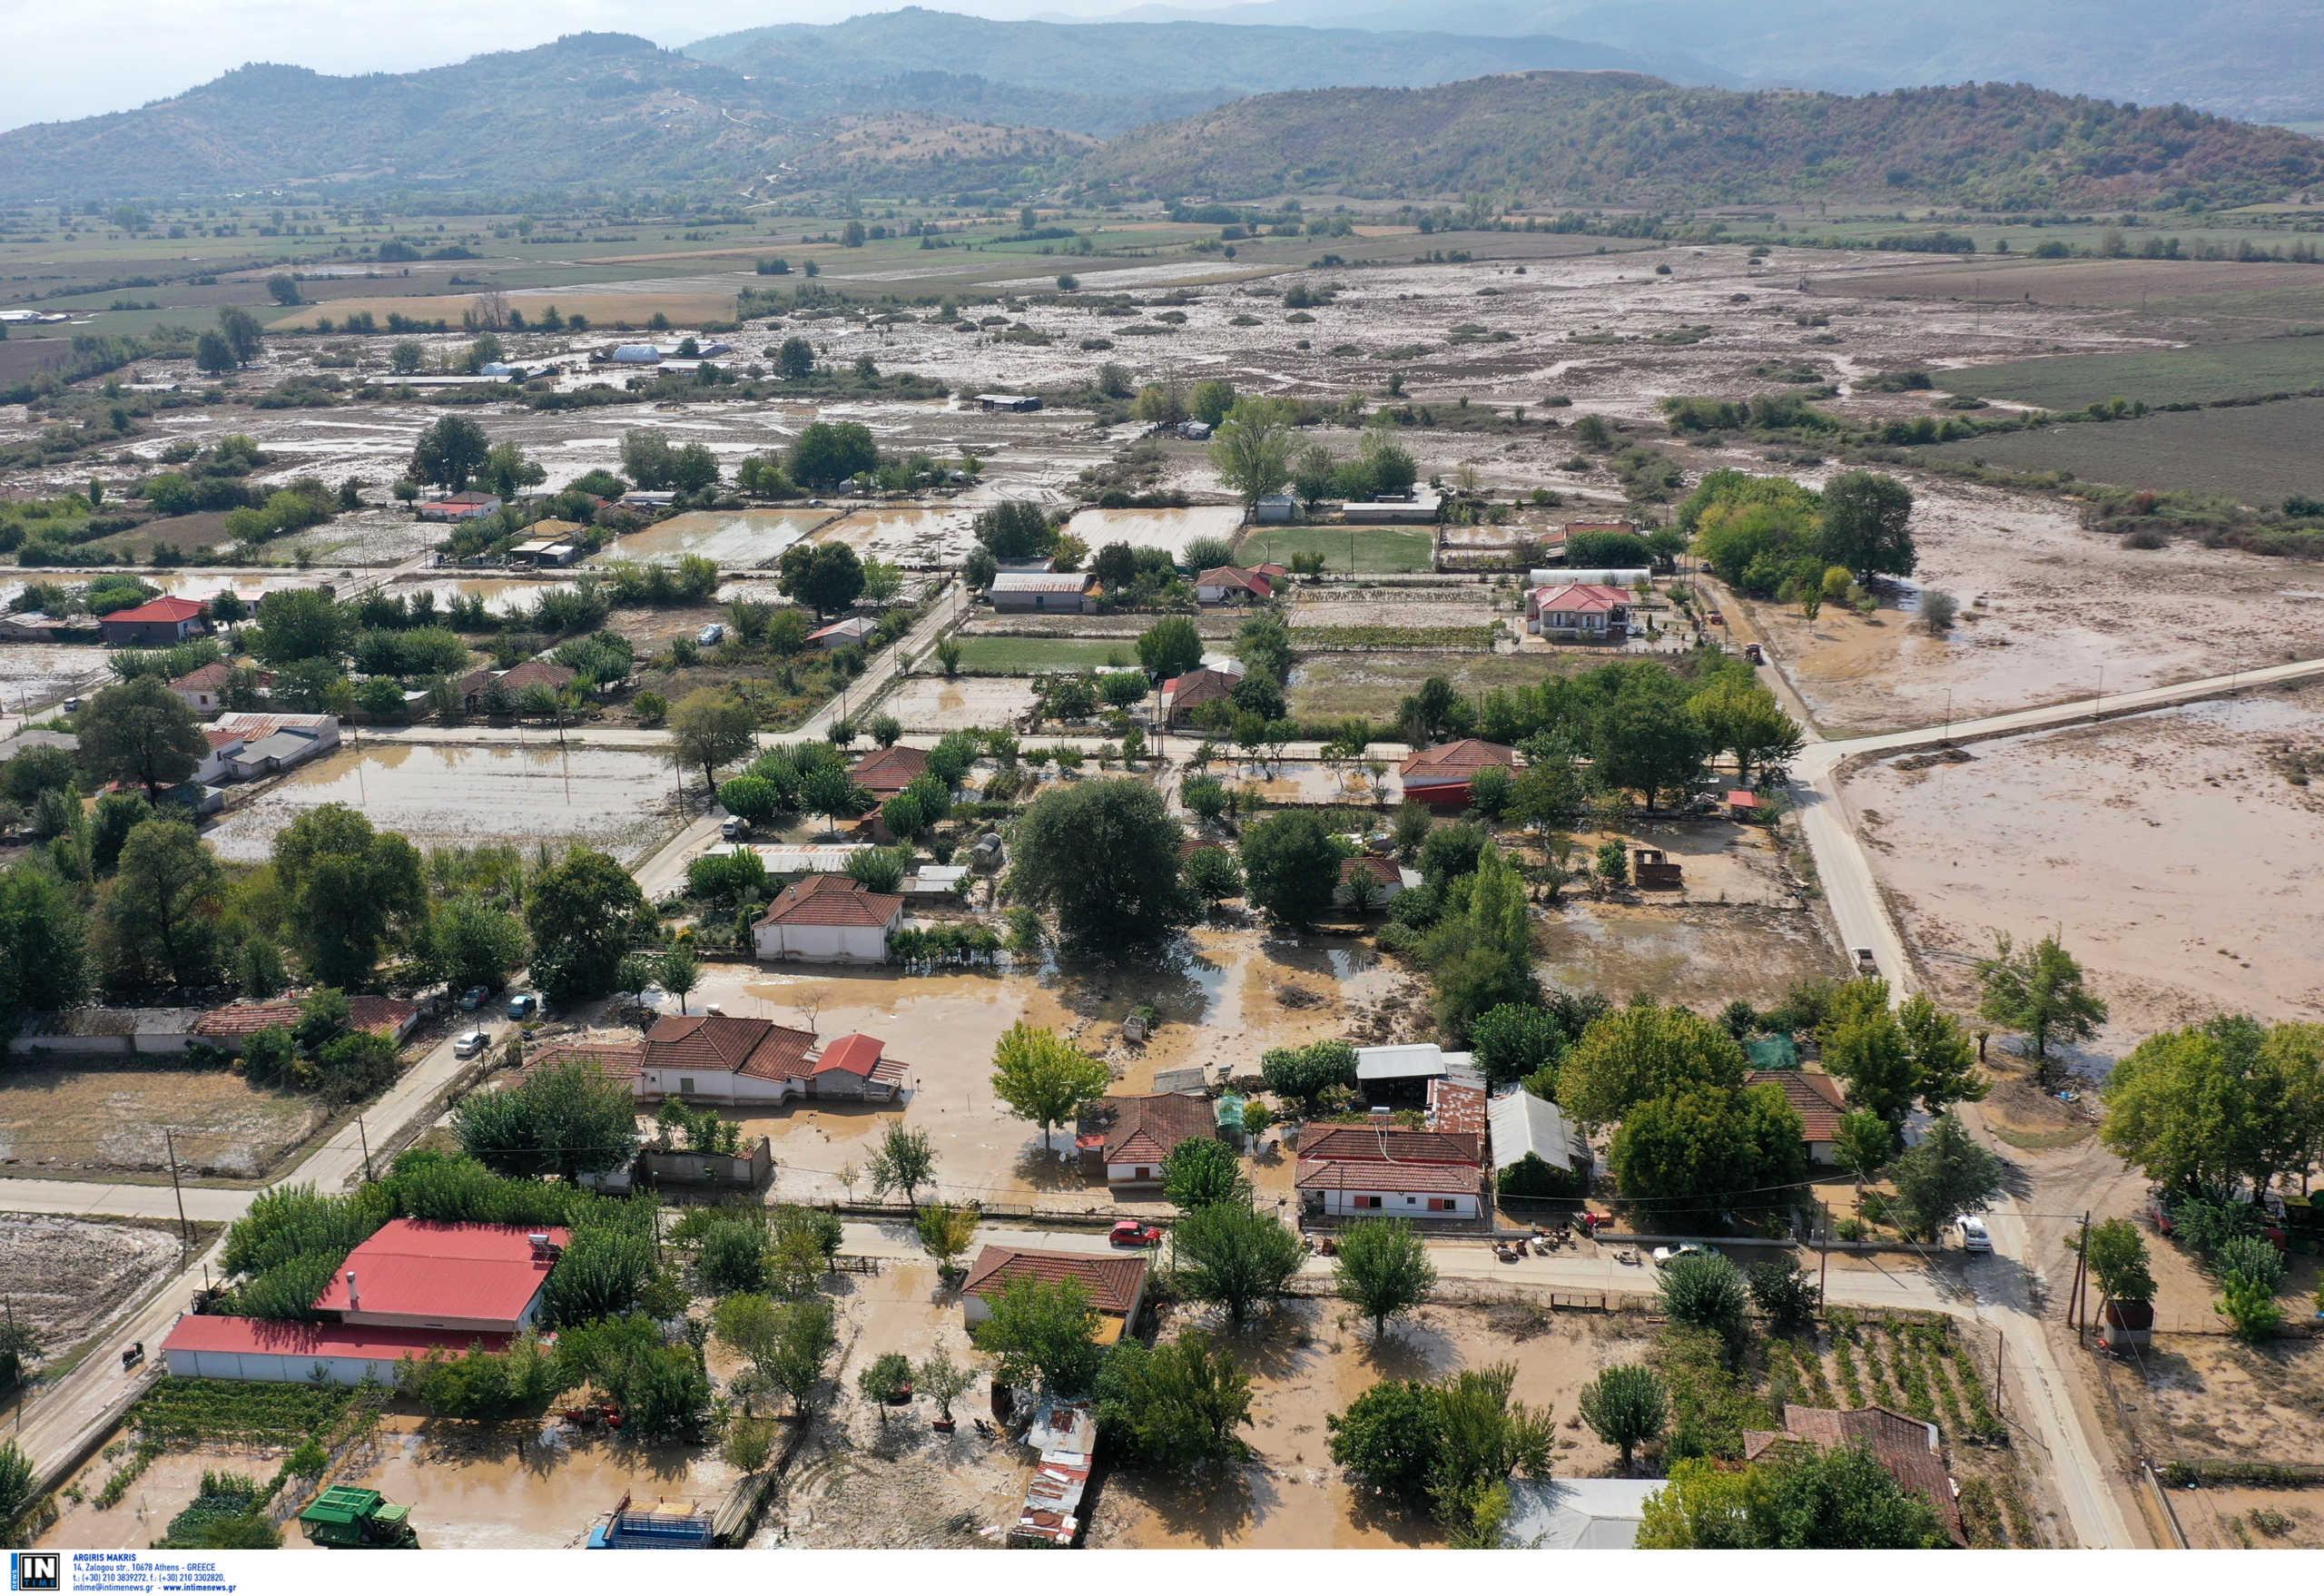 Πληγέντες «Ιανού»: 636 αιτήσεις για επιχειρήσεις και 569 για κατοικίες  στο gov.gr